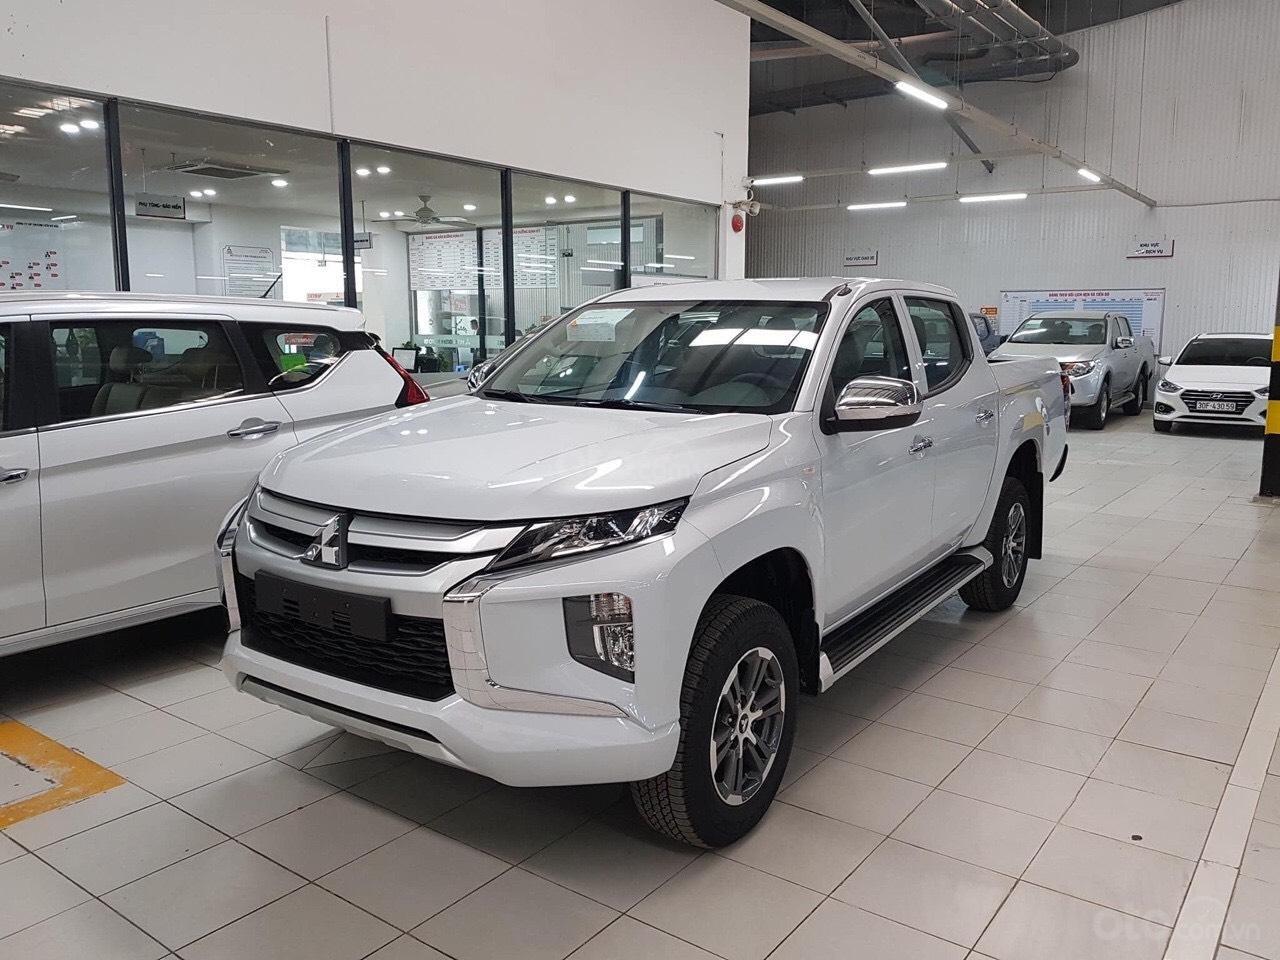 Gấp gấp, Mitsubishi Triton 4x4AT Mivec giá siêu sốc, xe sẵn giao ngay liên hệ 0977242095 để nhận ưu đãi tốt hơn nữa (2)